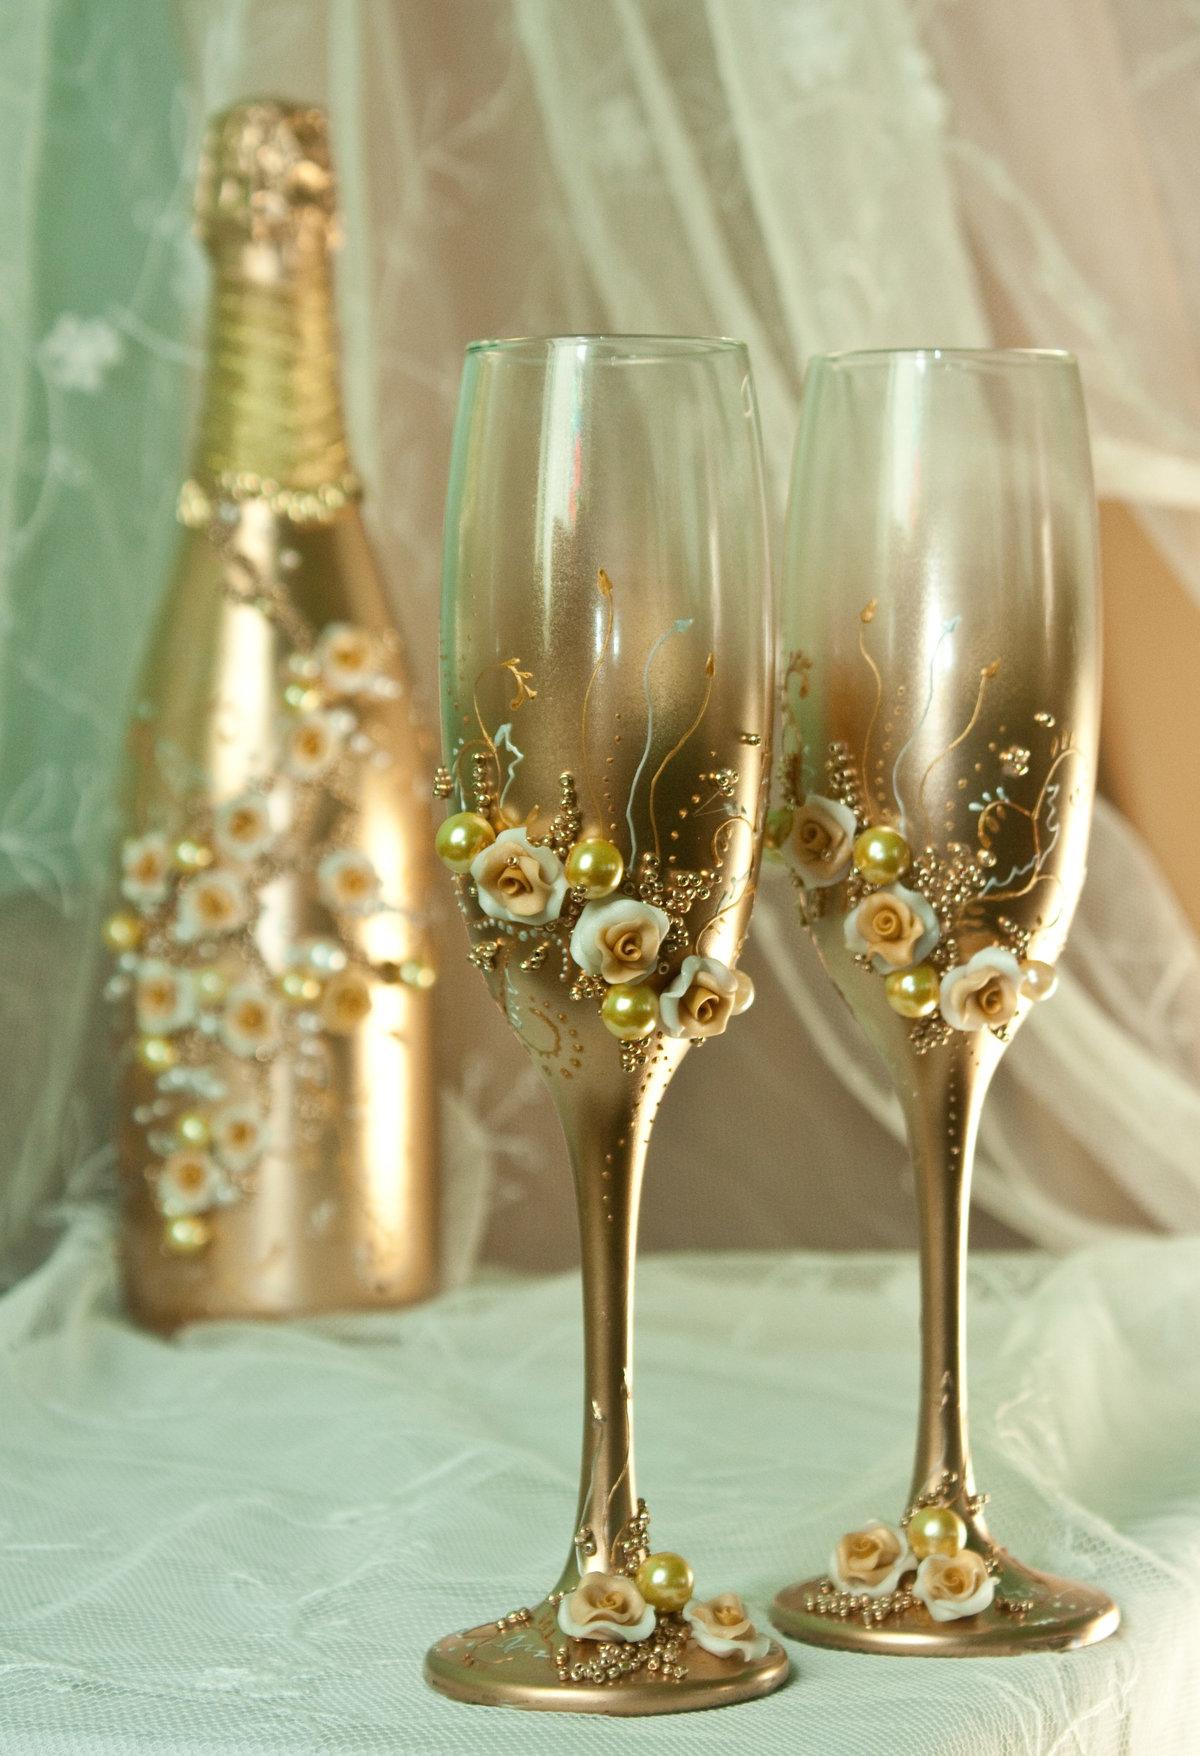 День рождения, картинки свадебные бокалы и шампанское